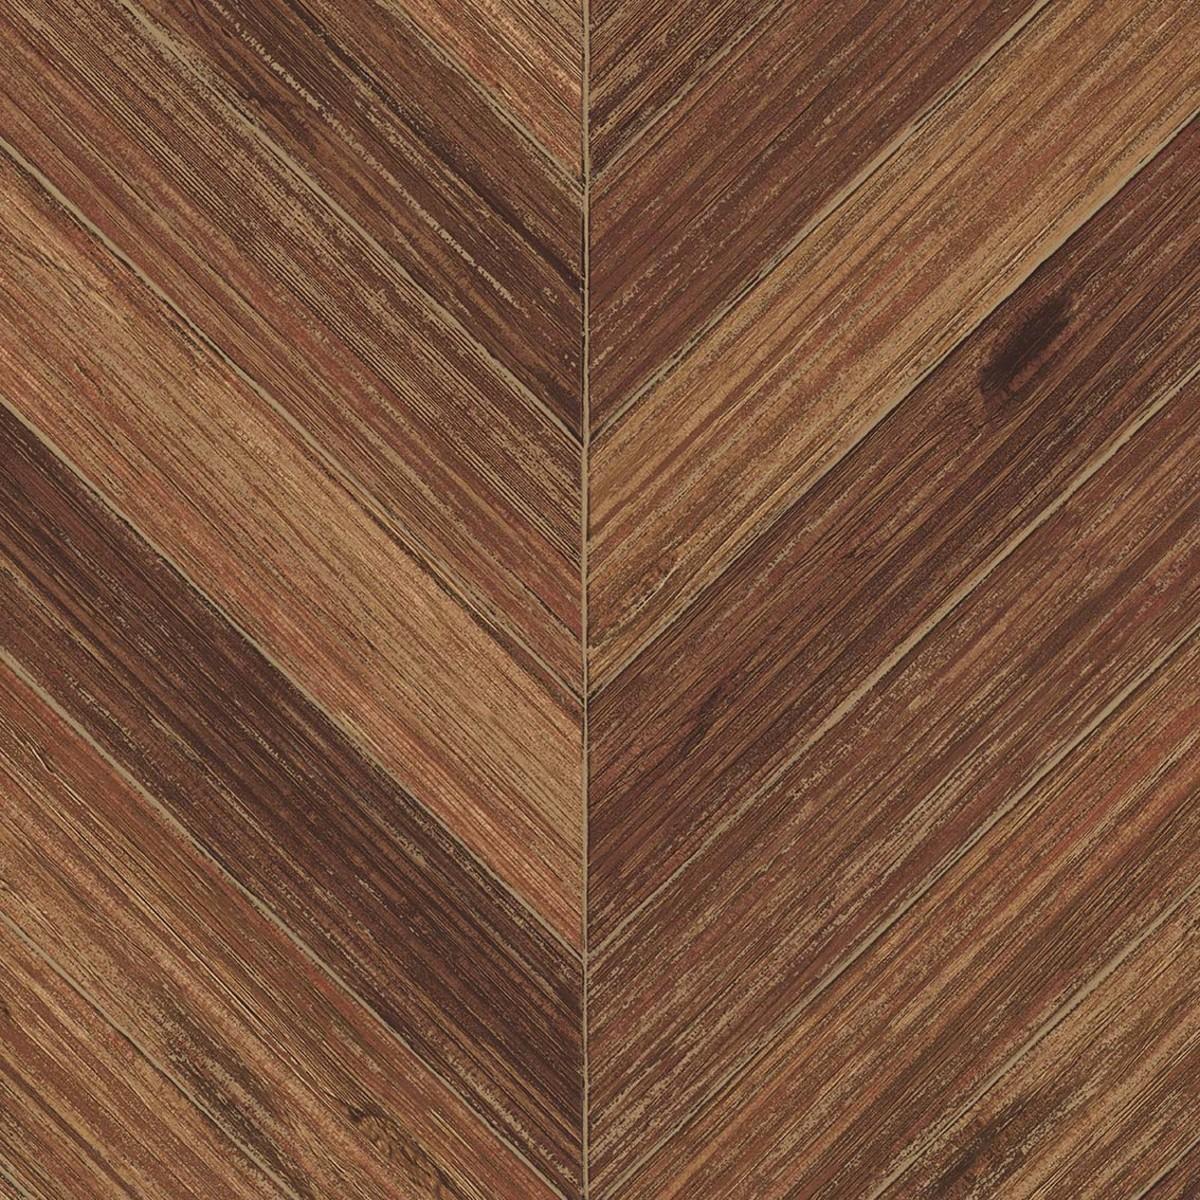 Обои виниловые Gaenari коричневые 1.06 м 81172-4